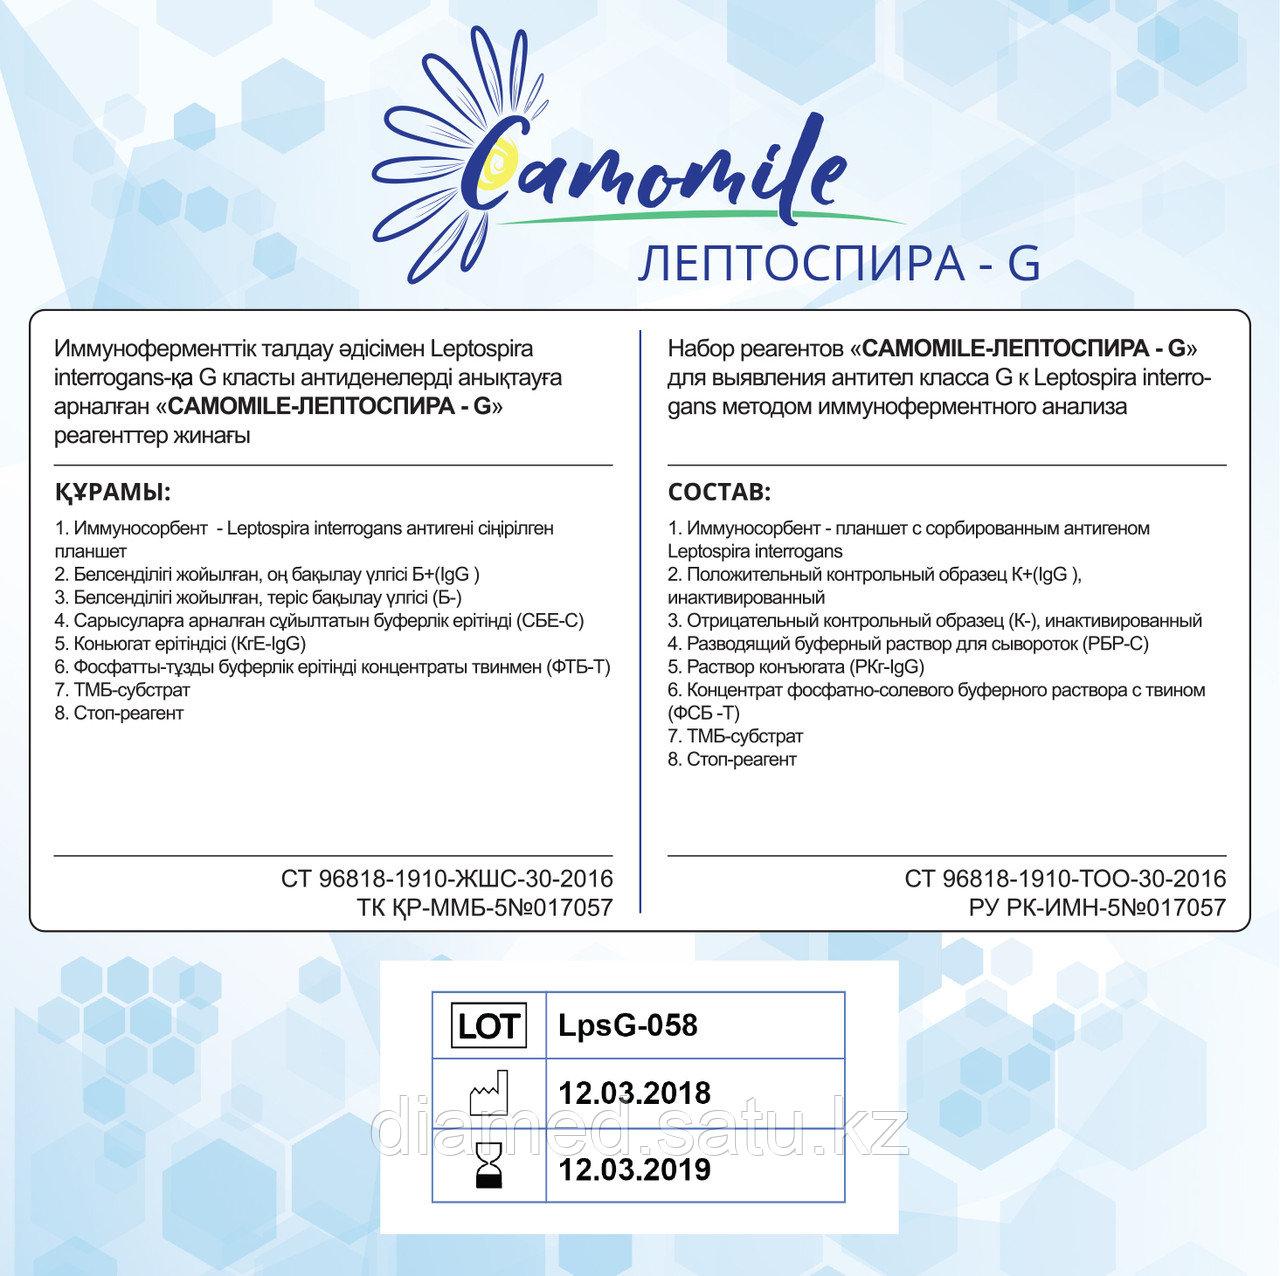 ИФА реагенты CAMOMILE-Листери-О-G